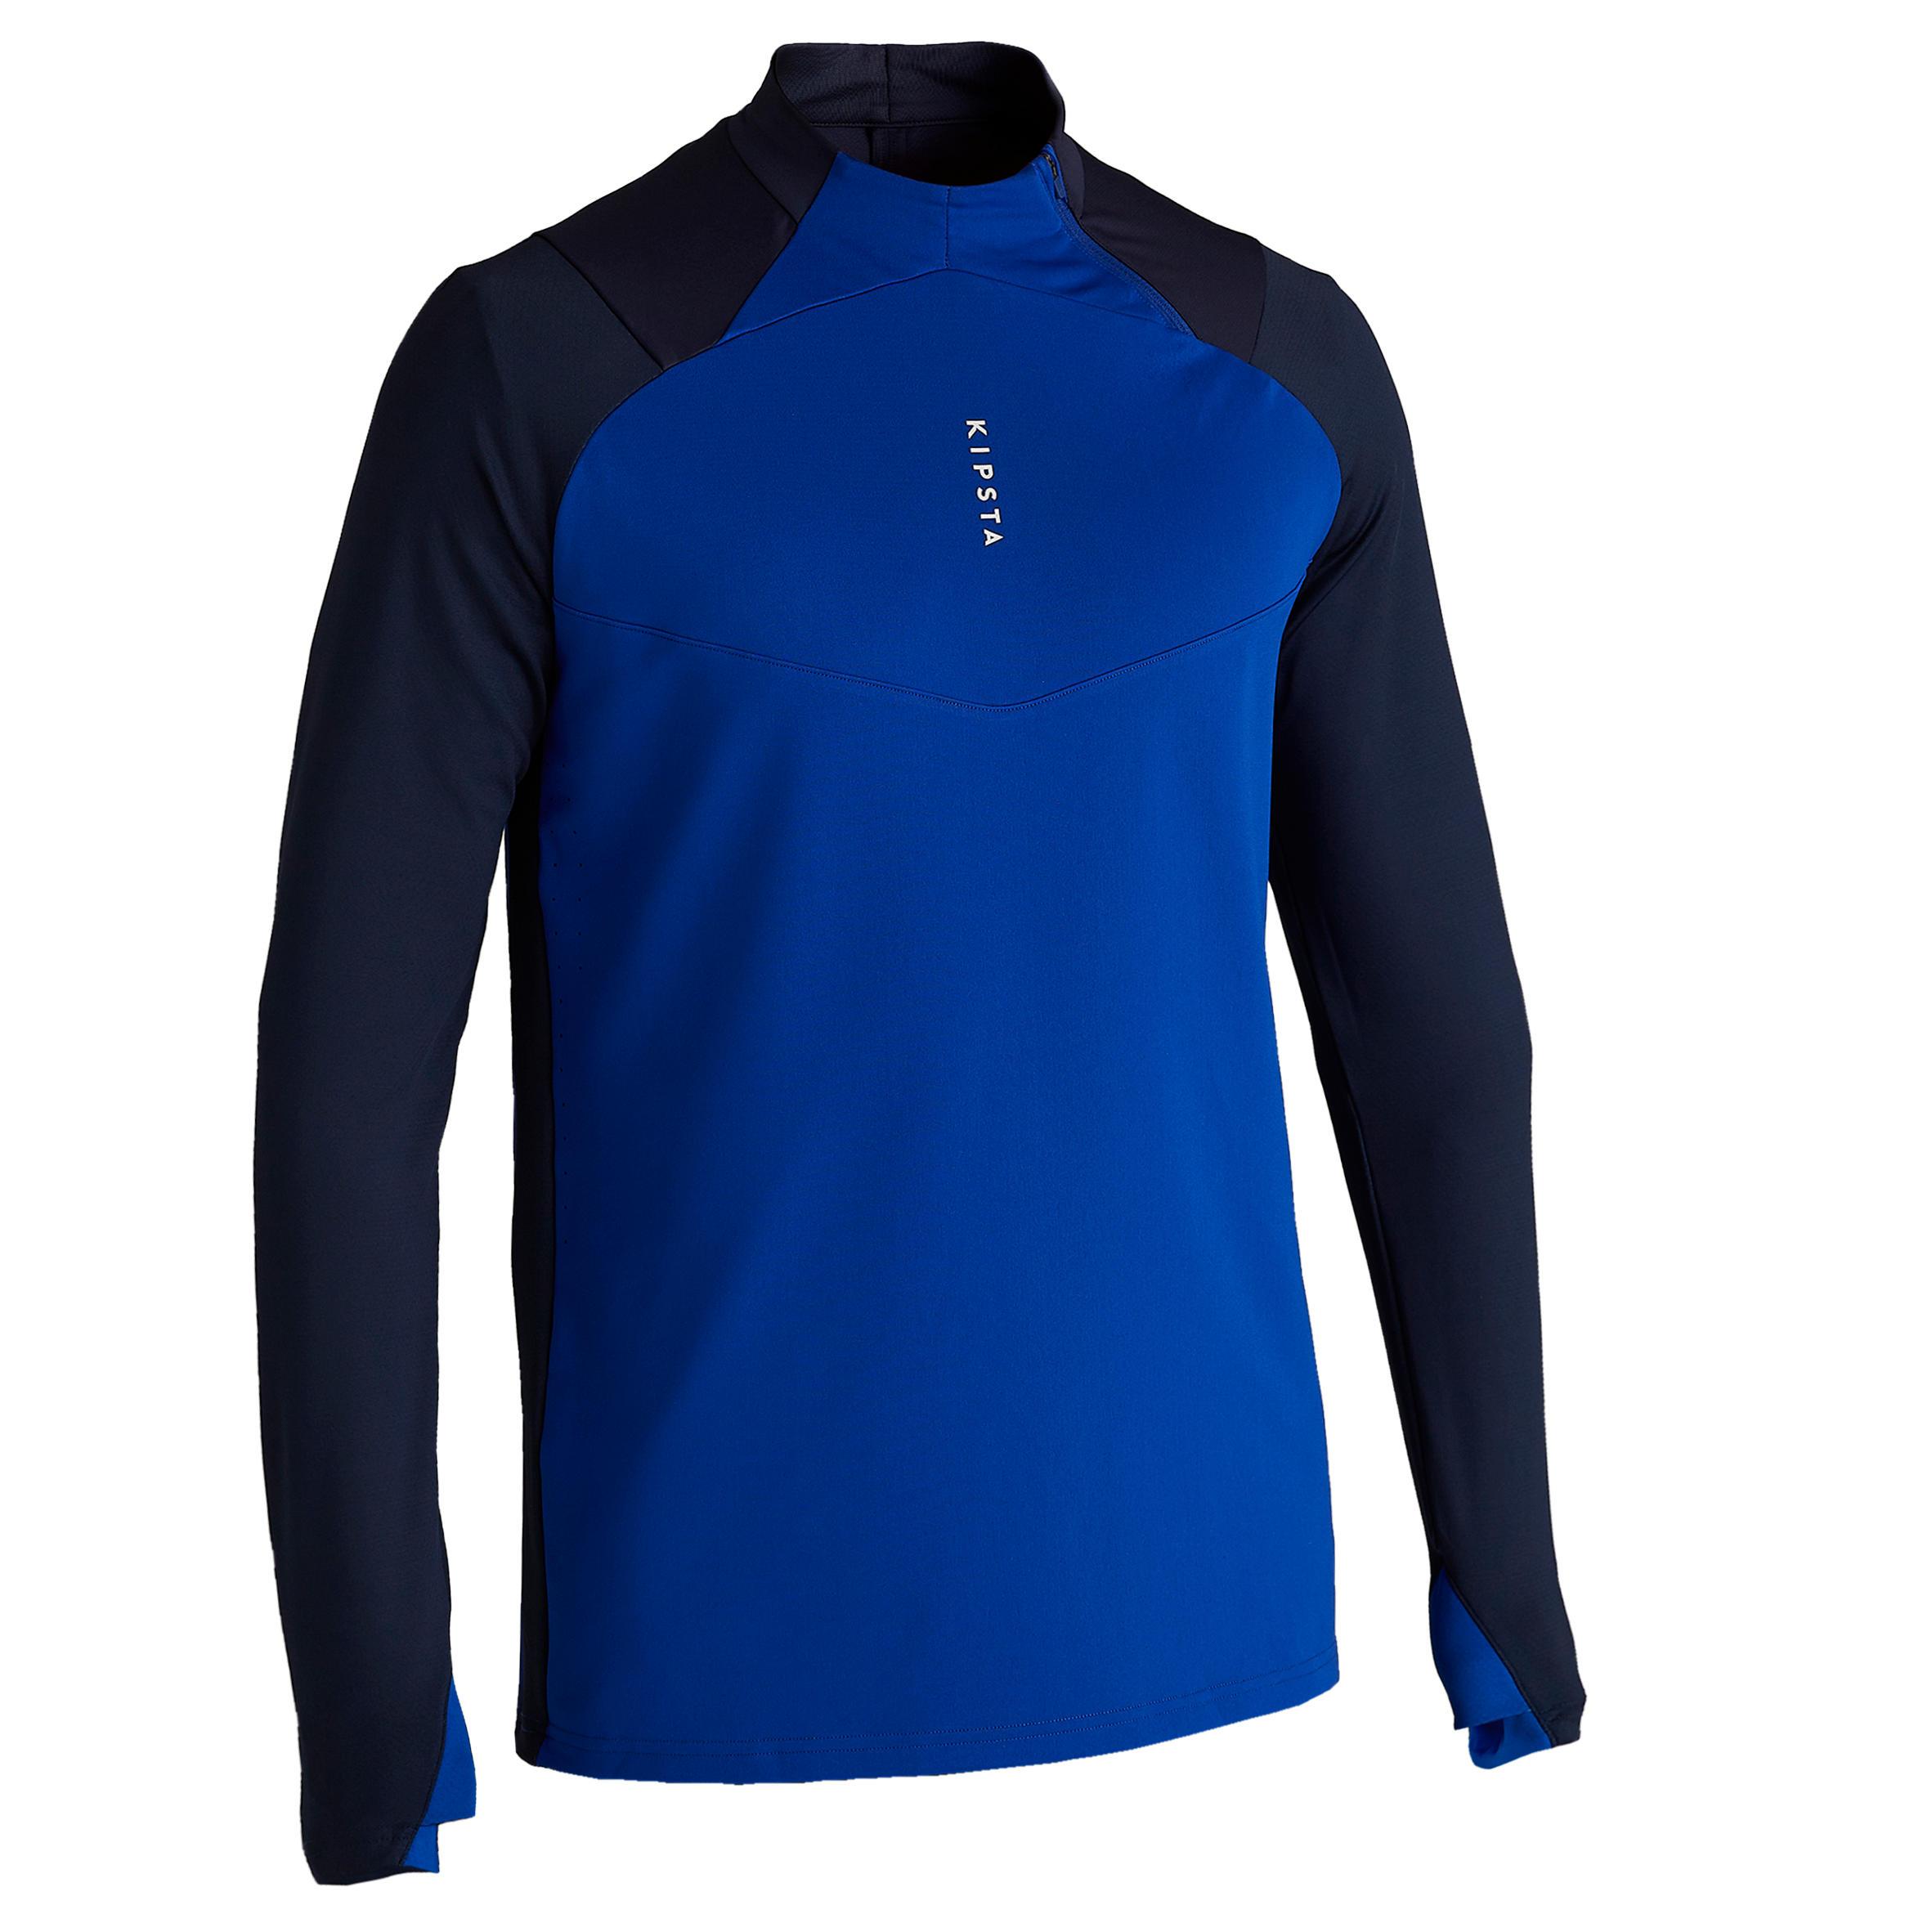 Trainingsshirt Fussball T500 1/2 Zip Erwachsene blau